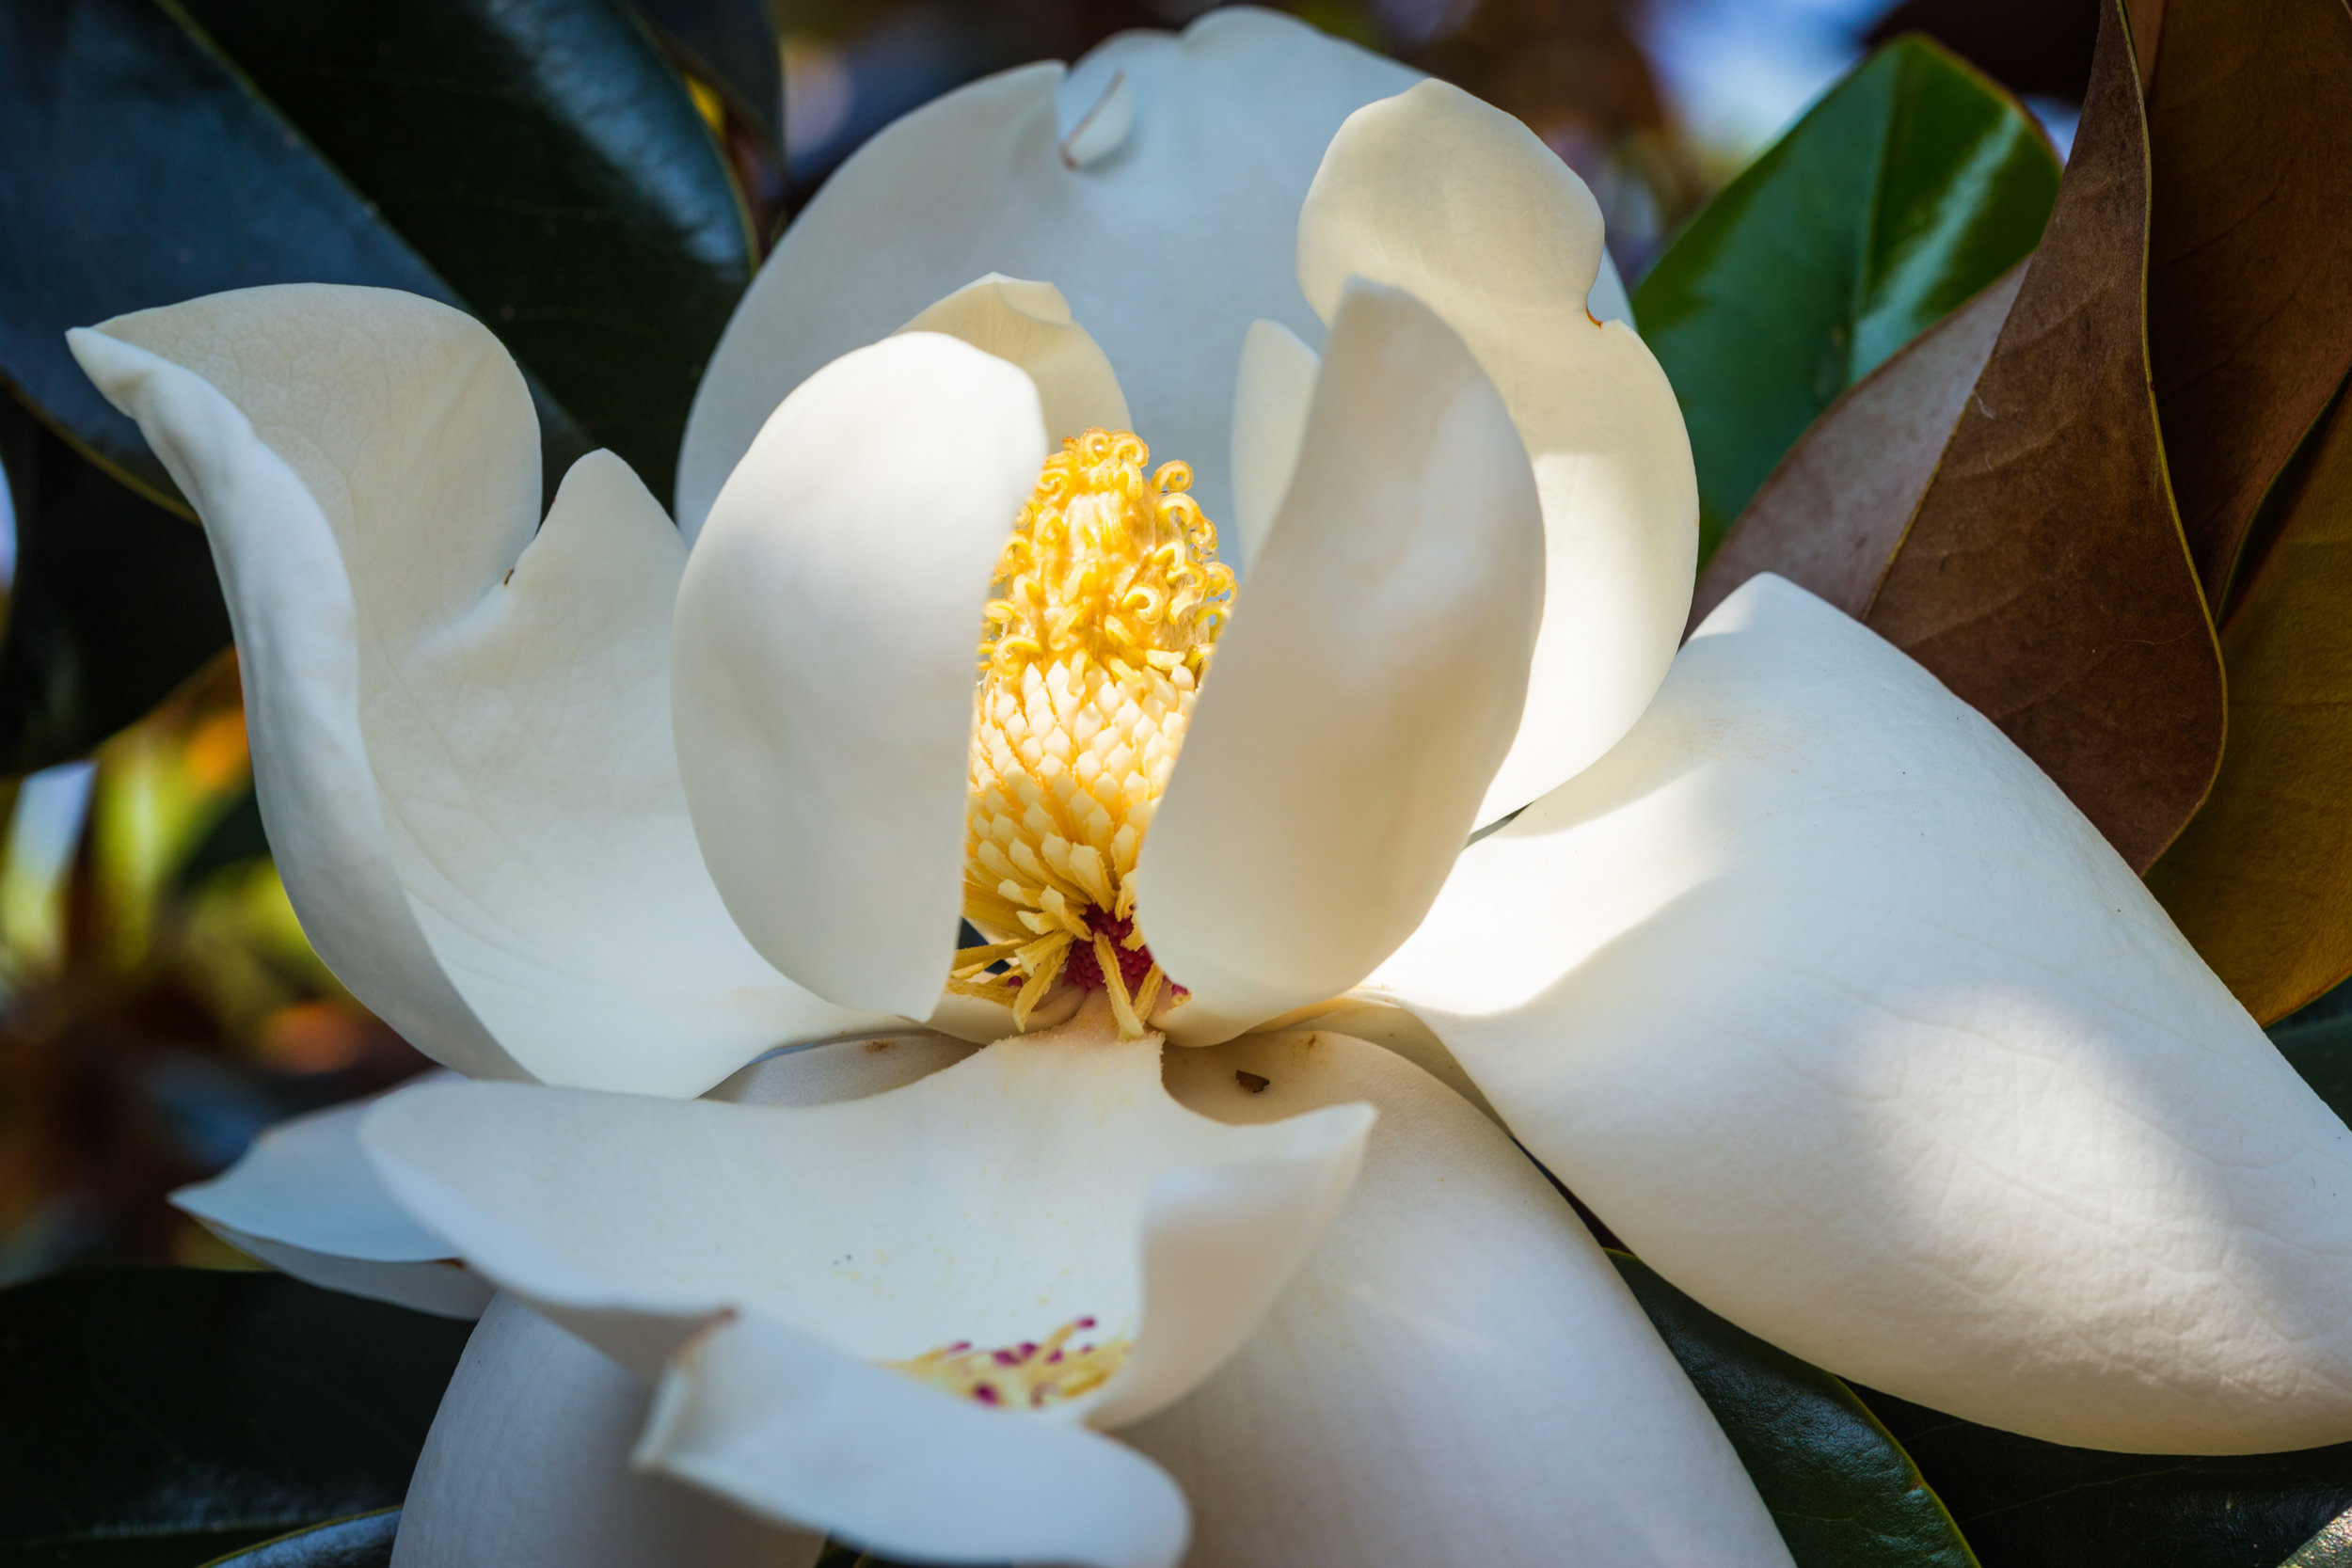 Arboretum-0686.jpg